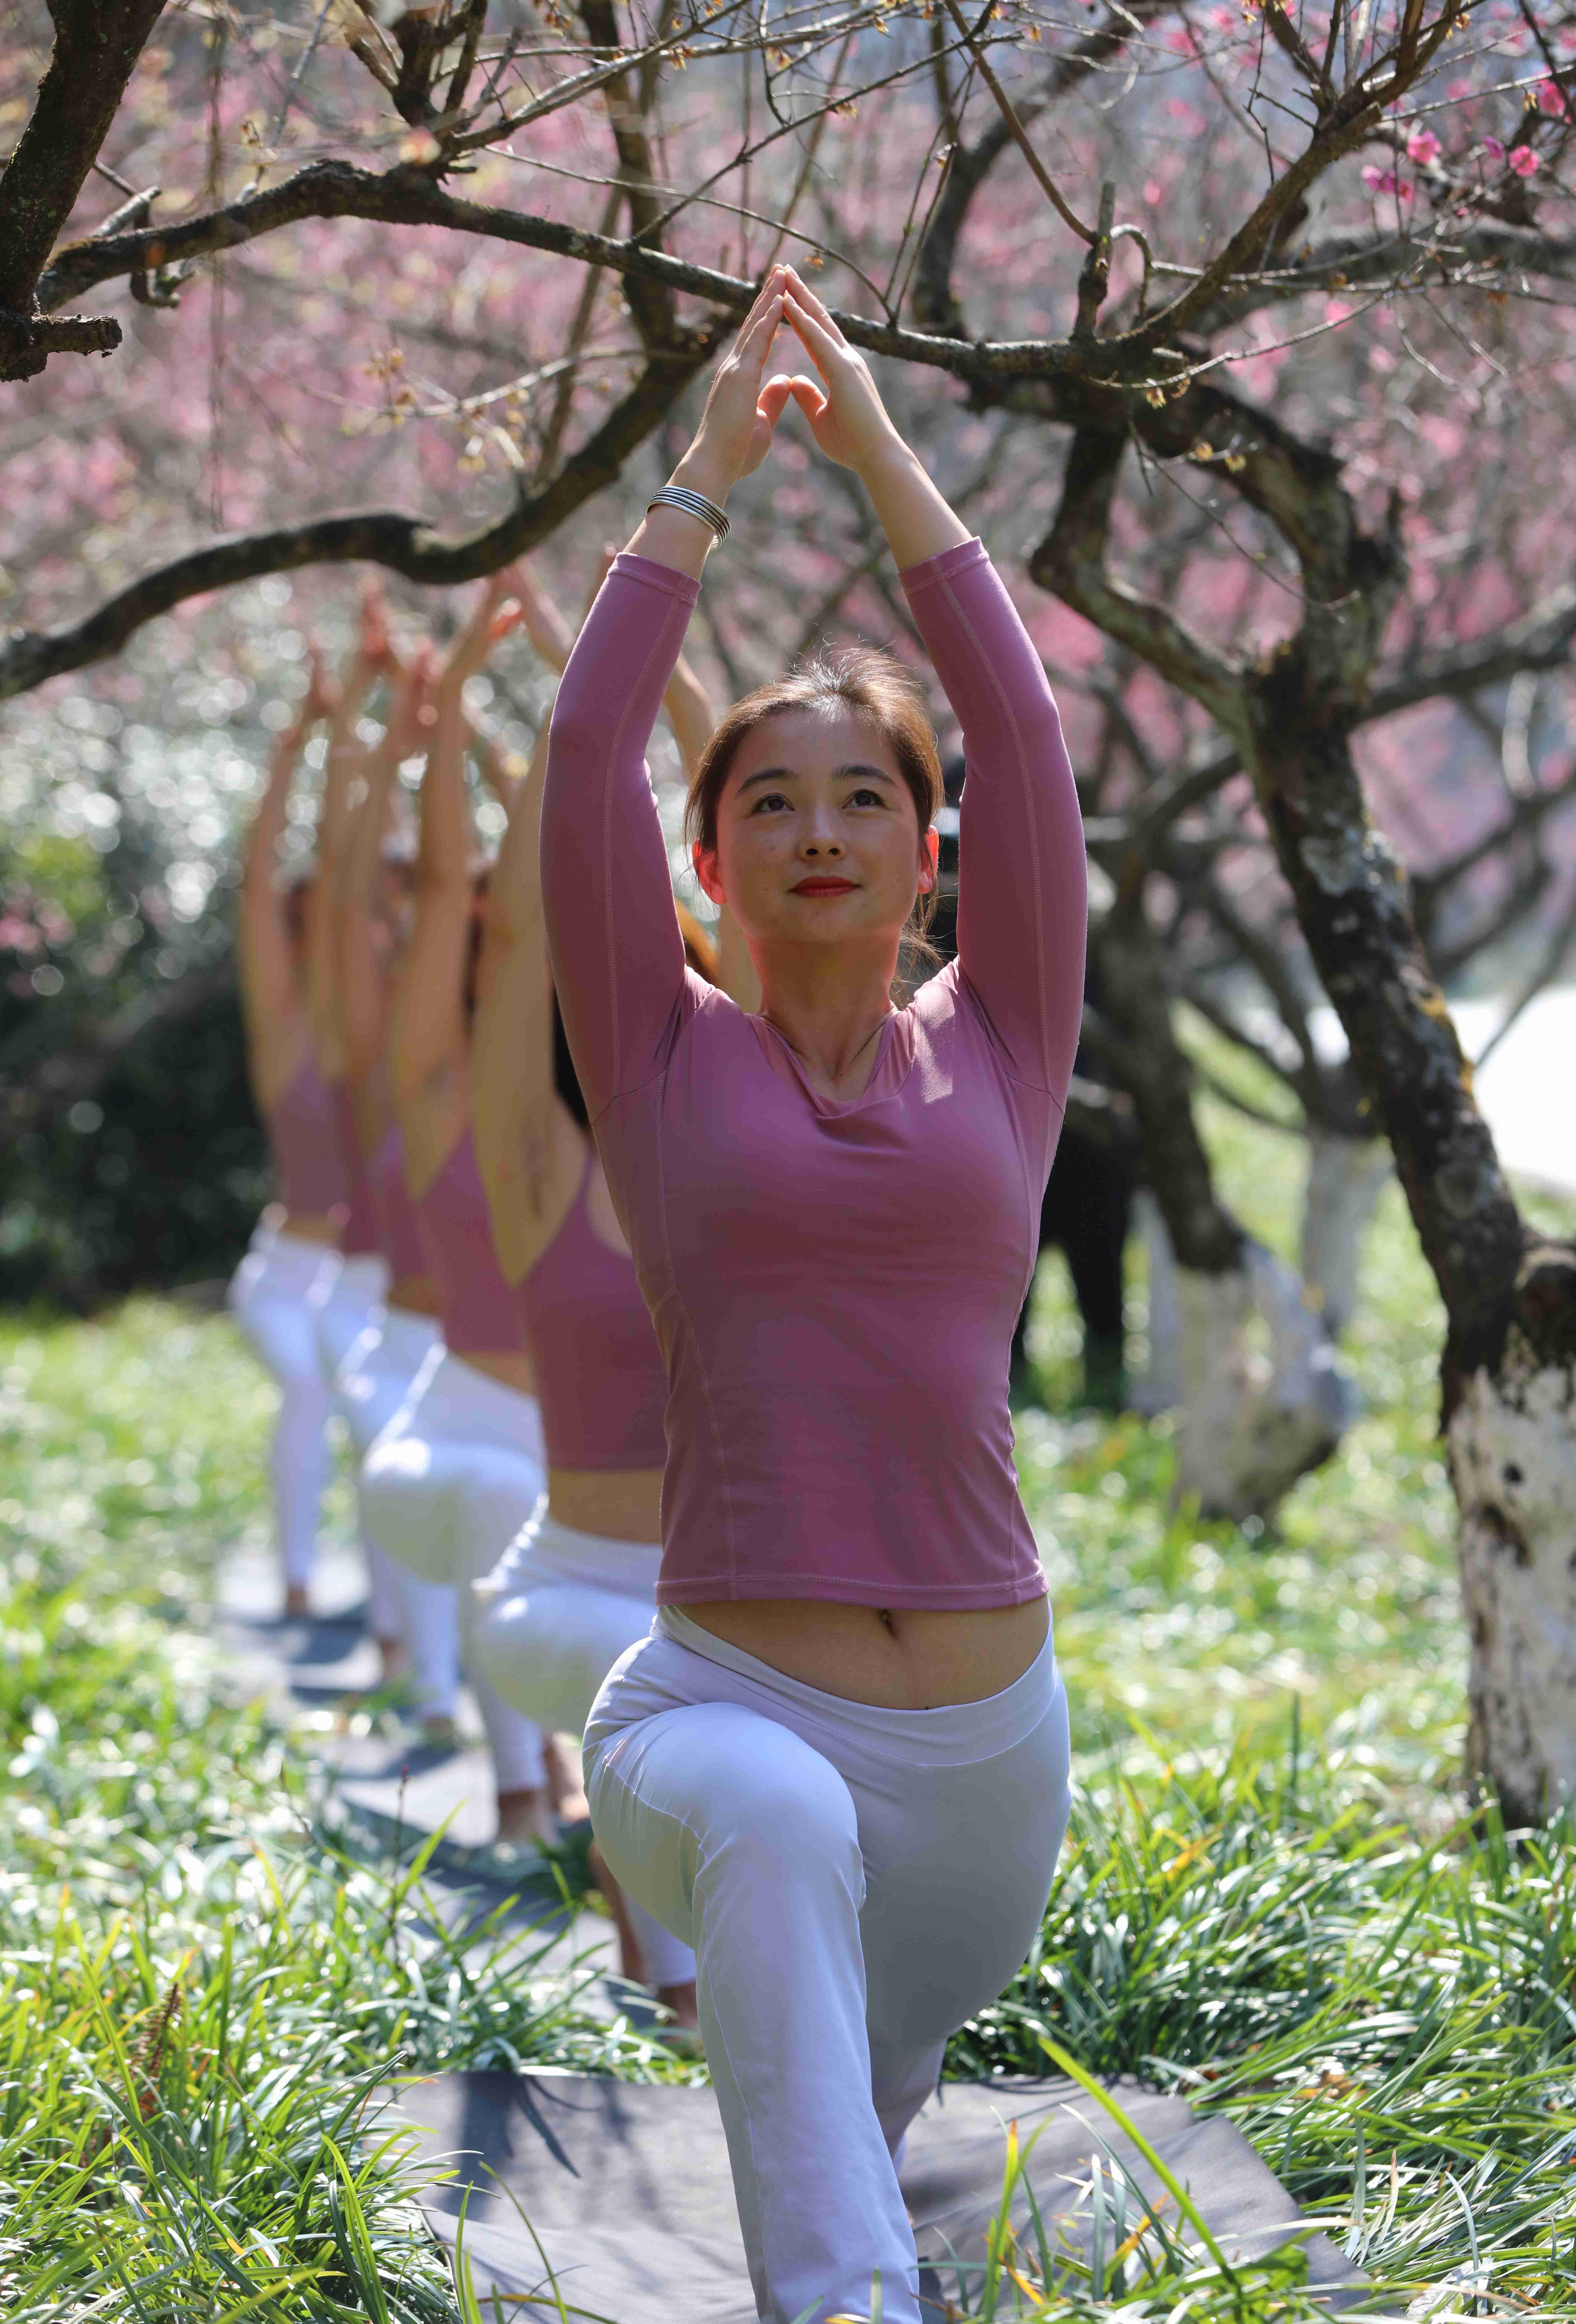 张家界国家森林公园:梅园秀瑜伽 乐享春光美